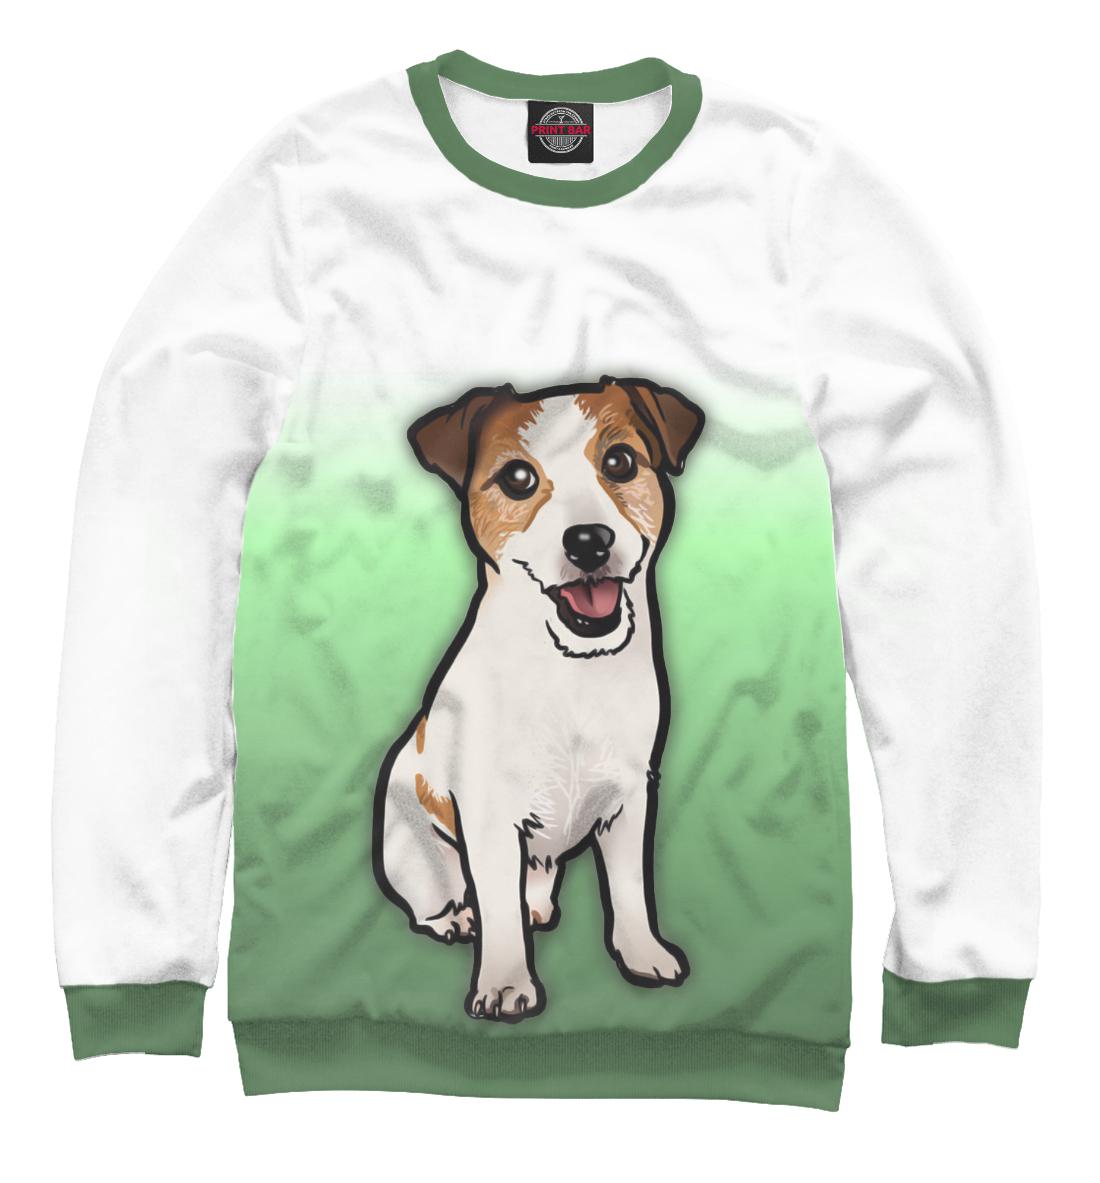 Купить Джек-рассел-терьер, Printbar, Свитшоты, DOG-814592-swi-2